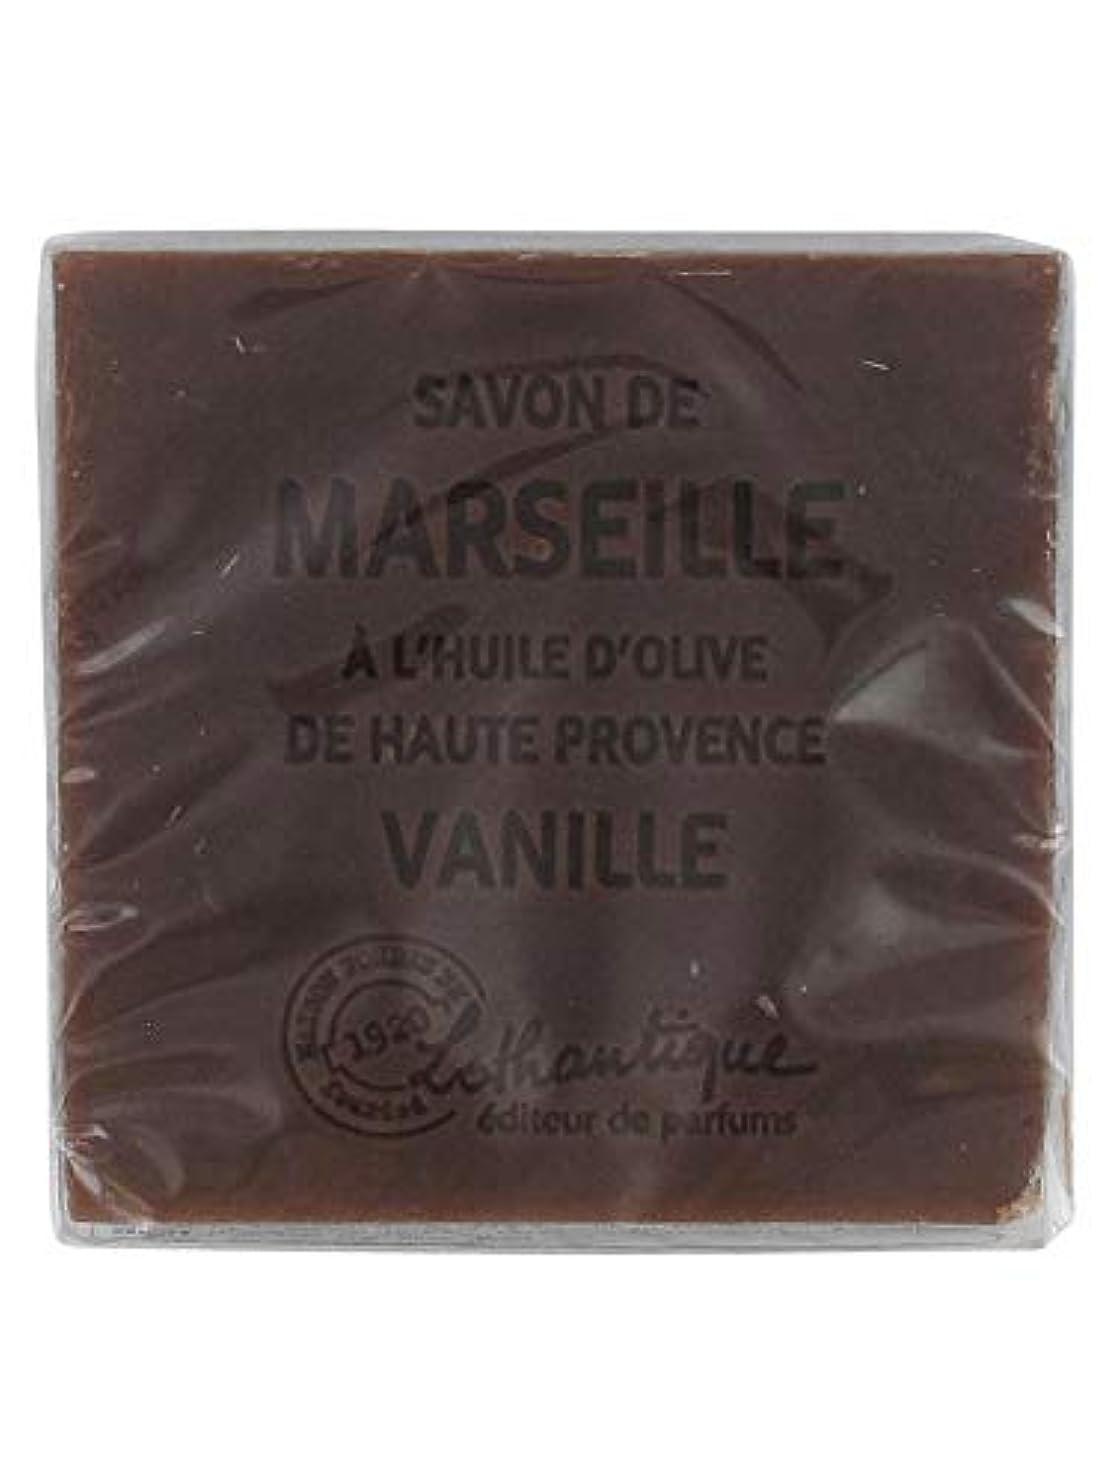 がんばり続ける砲兵胚芽Lothantique(ロタンティック) Les savons de Marseille(マルセイユソープ) マルセイユソープ 100g 「バニラ」 3420070038005